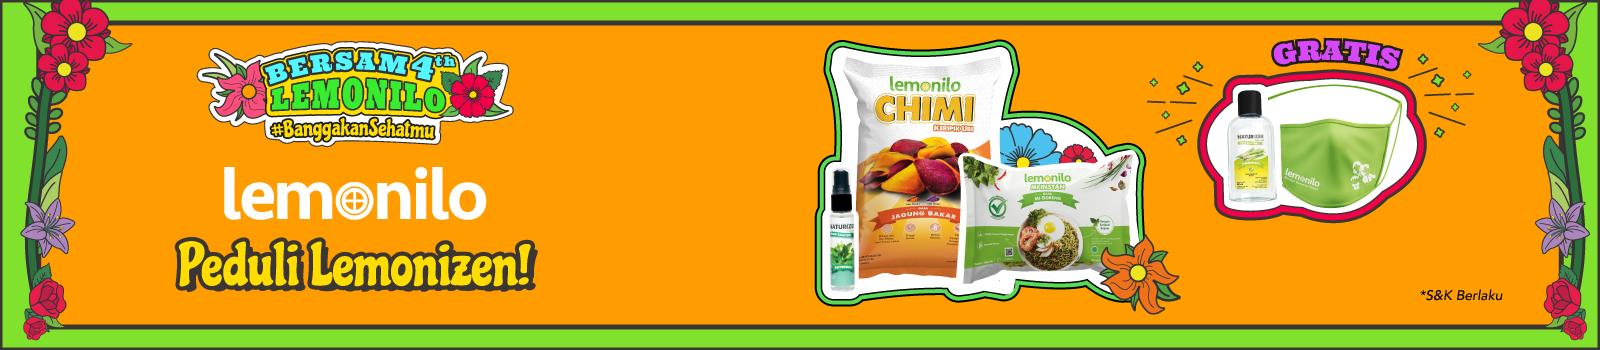 Lemonilo Peduli Lemonizen! Masker & Hand Sanitizer GRATIS